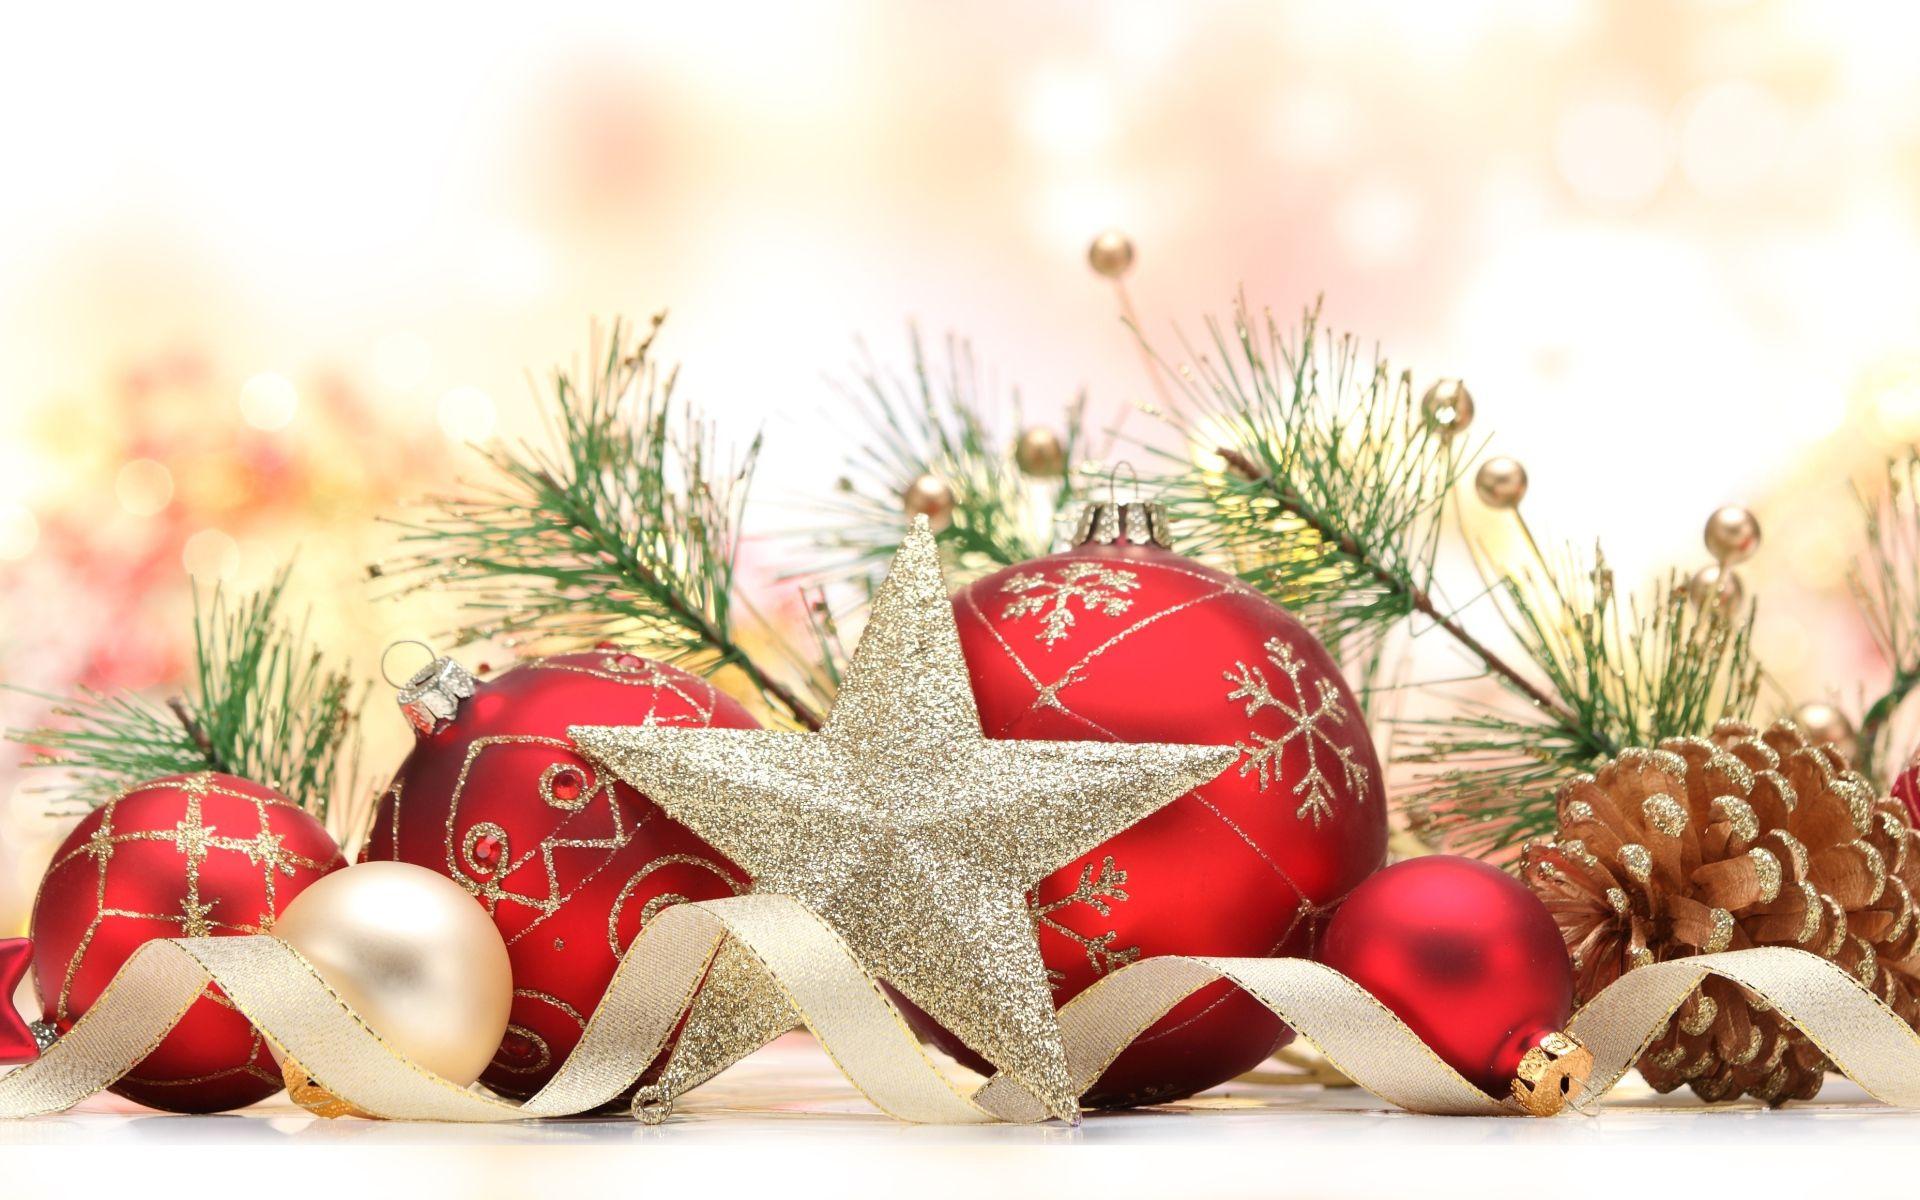 Рождество с красными шарами - C Рождеством Христовым поздравительные картинки